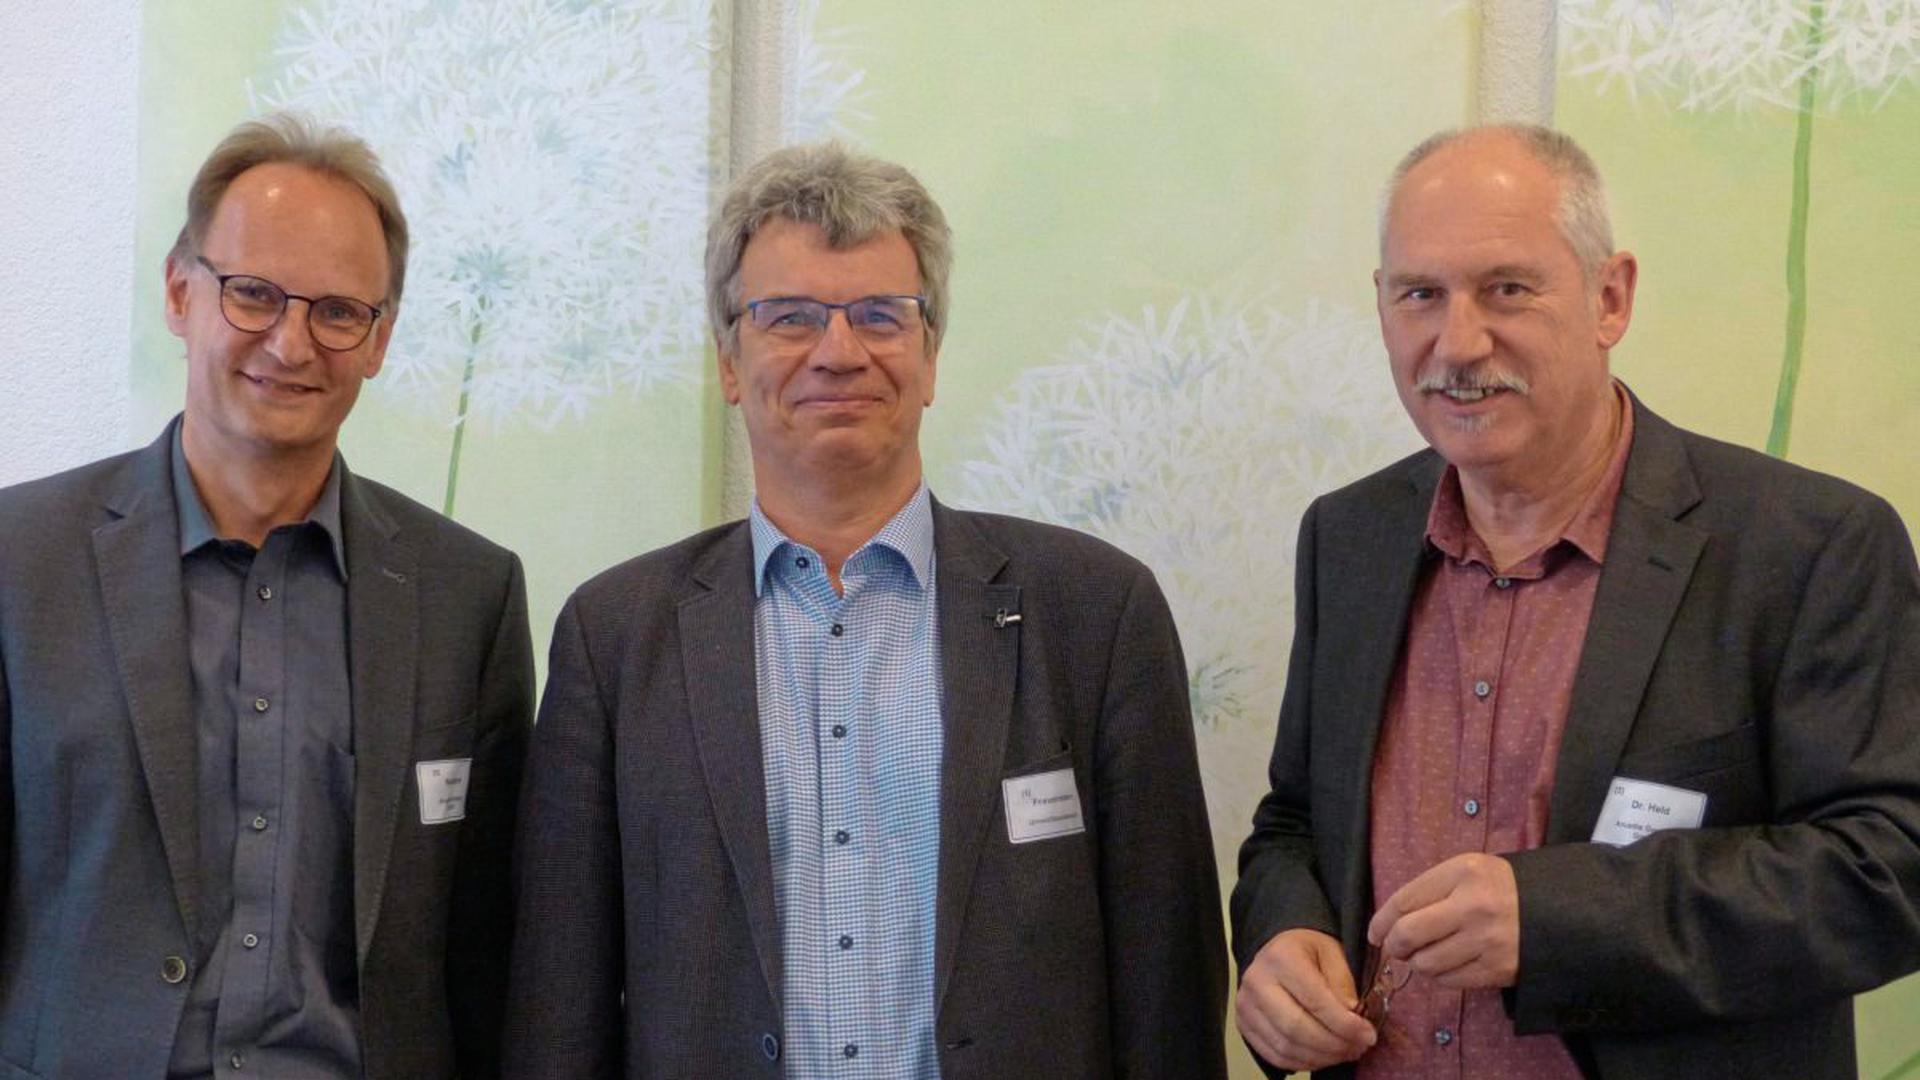 Michael Reinhard, Jörg Frauenstein und Thomas Held (v.li) waren federführend bei der Erstellung der PFC-Arbeitshilfe.